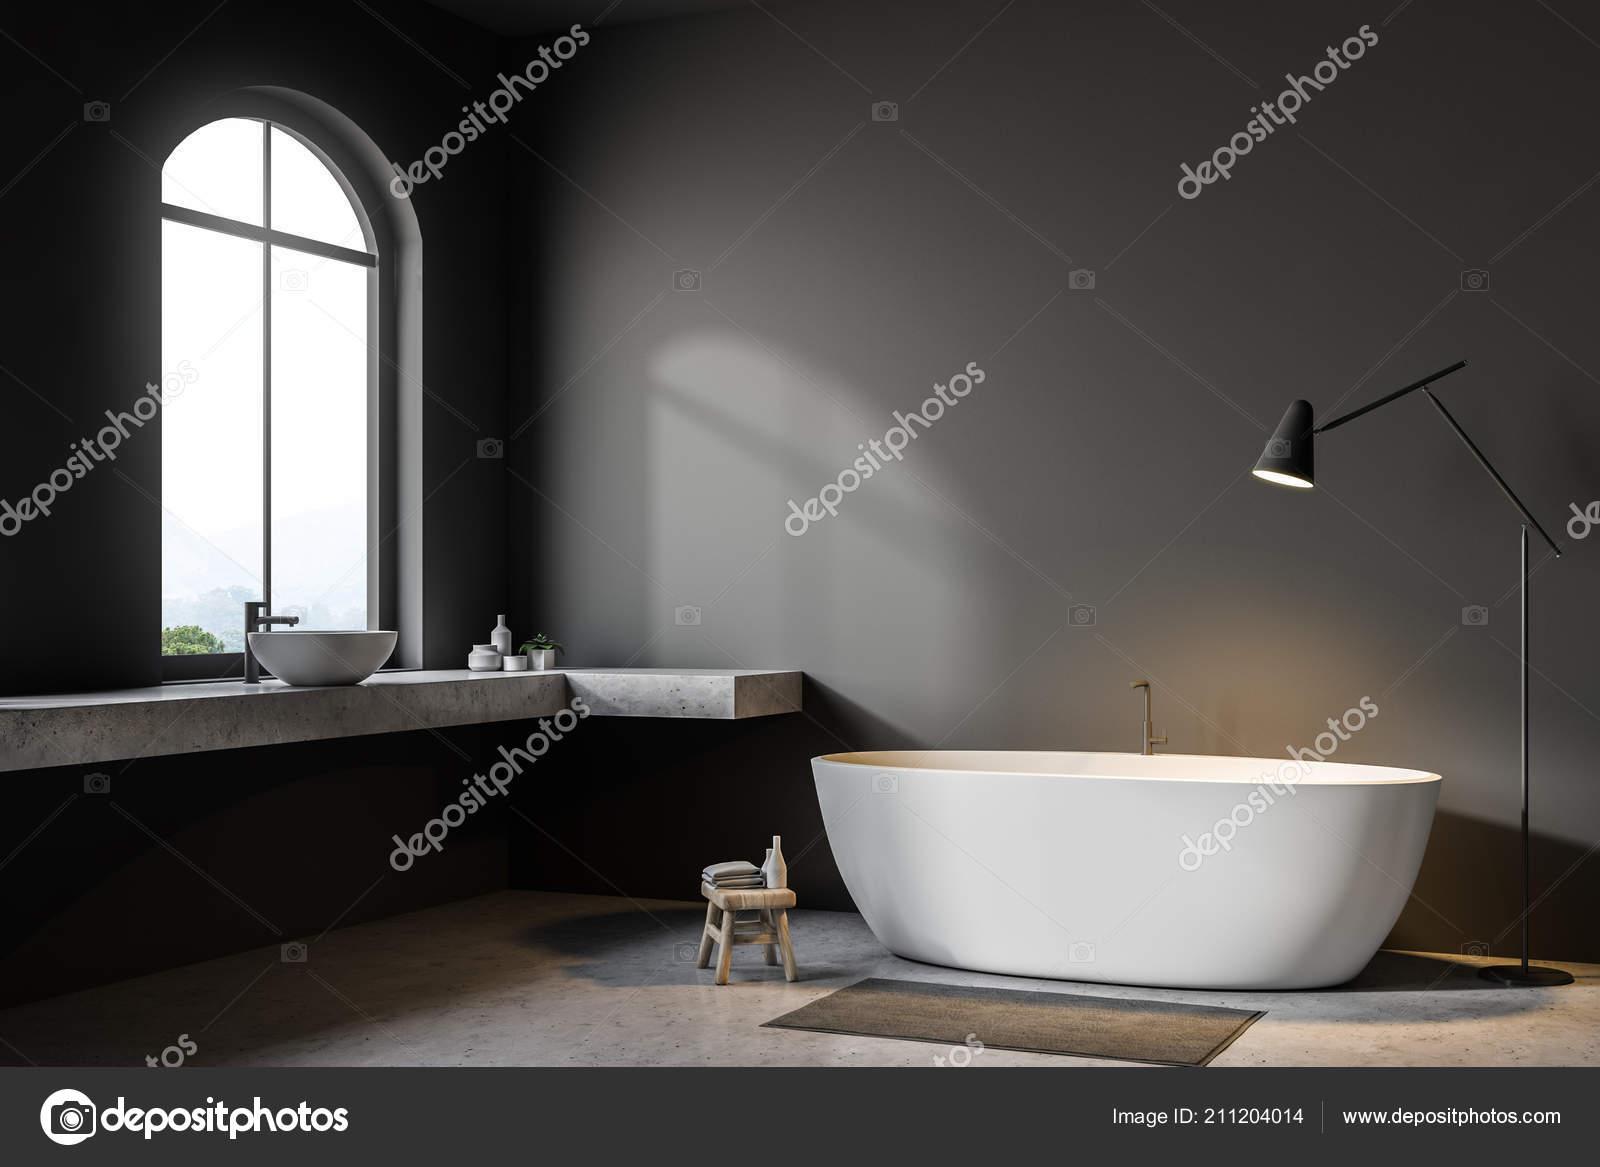 Graue Wand Bad Ecke Mit Betonboden Rundbogenfenster Weisse Badewanne